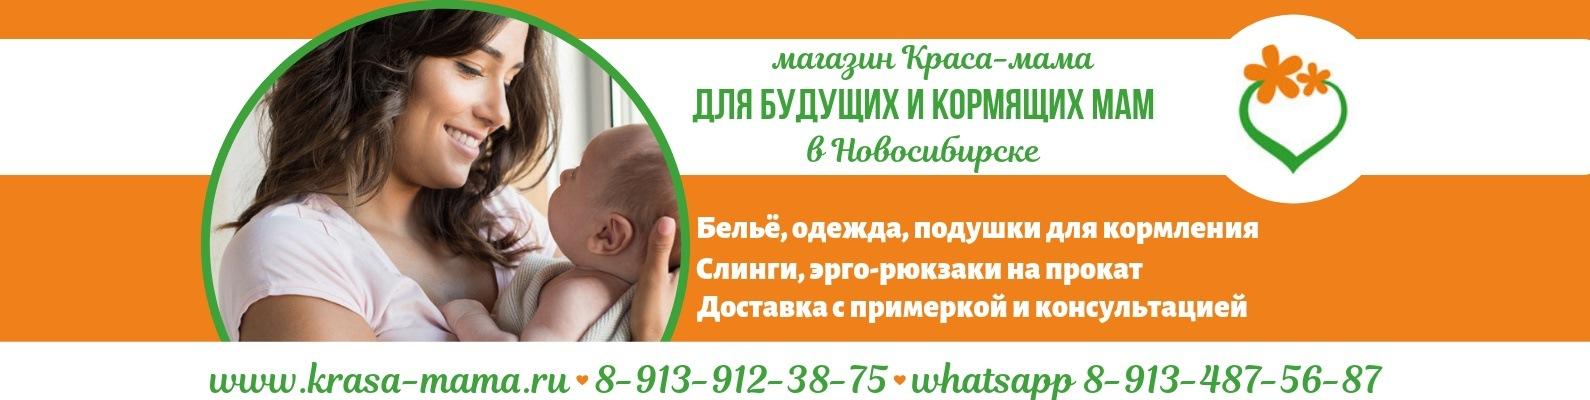 f2c8ad1c6f4c КРАСА-МАМА Одежда и бельё для кормления, слинги   ВКонтакте